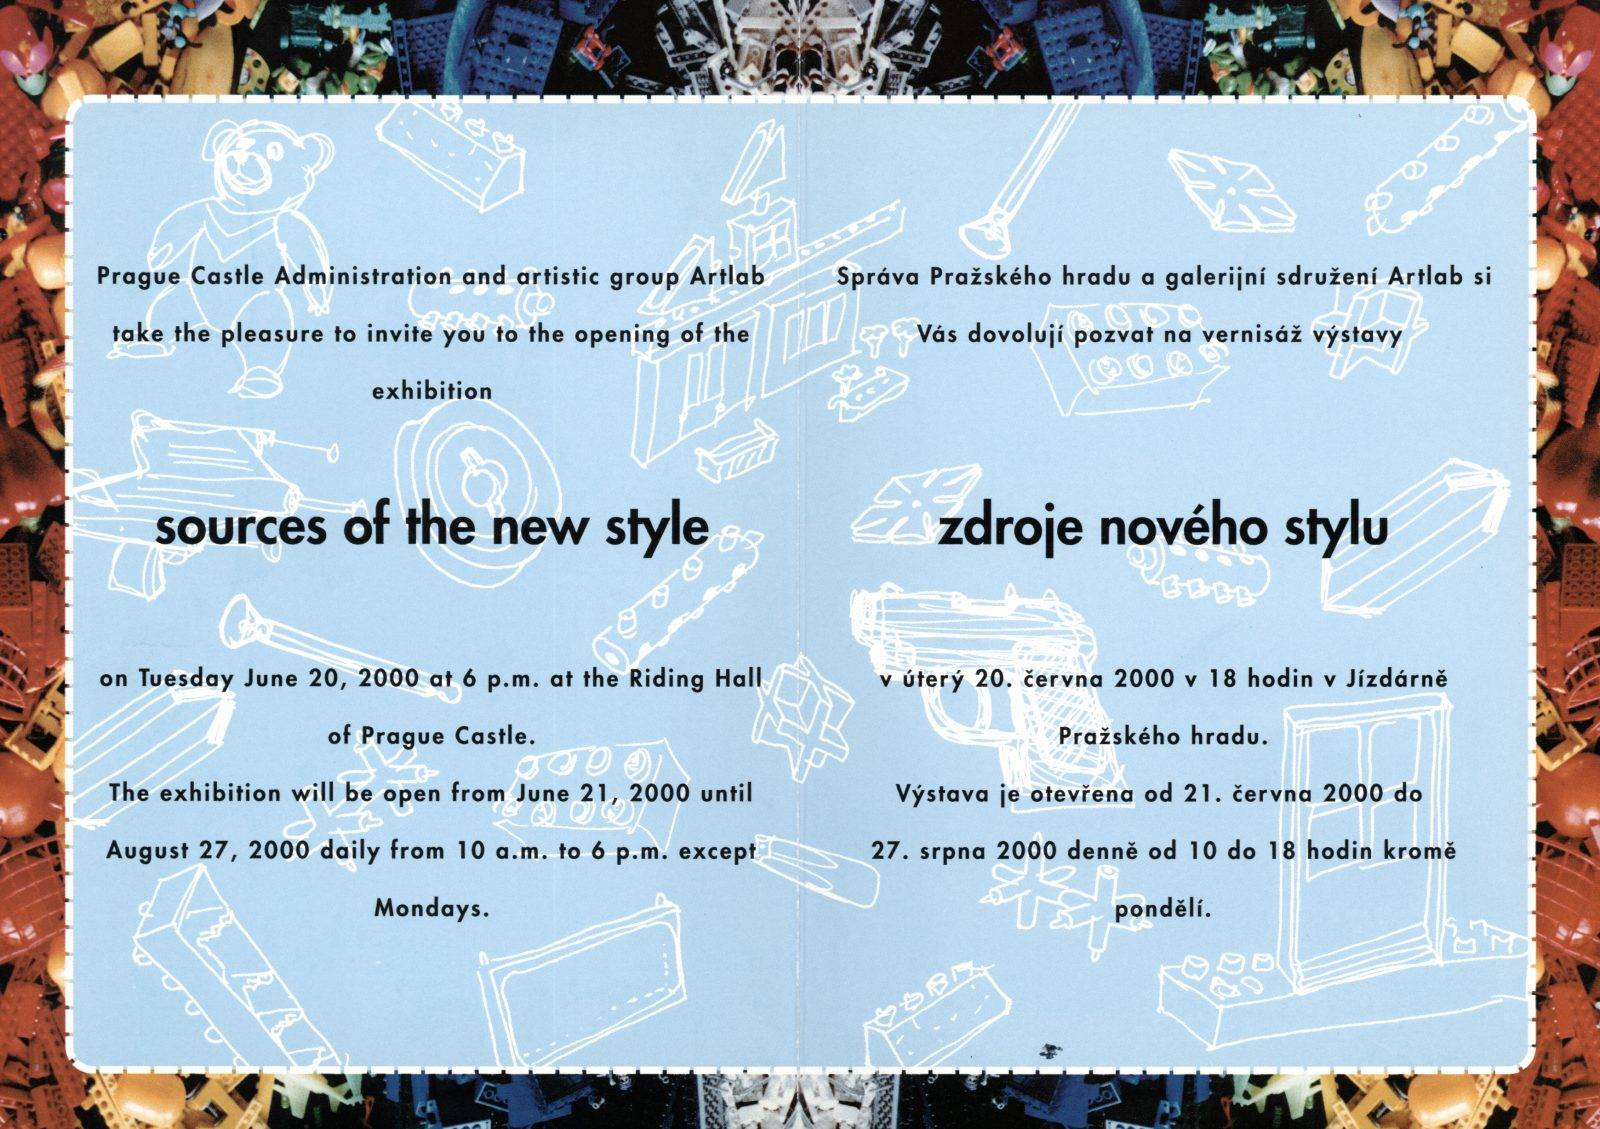 Zdroje nového stylu by Jan Kadlec